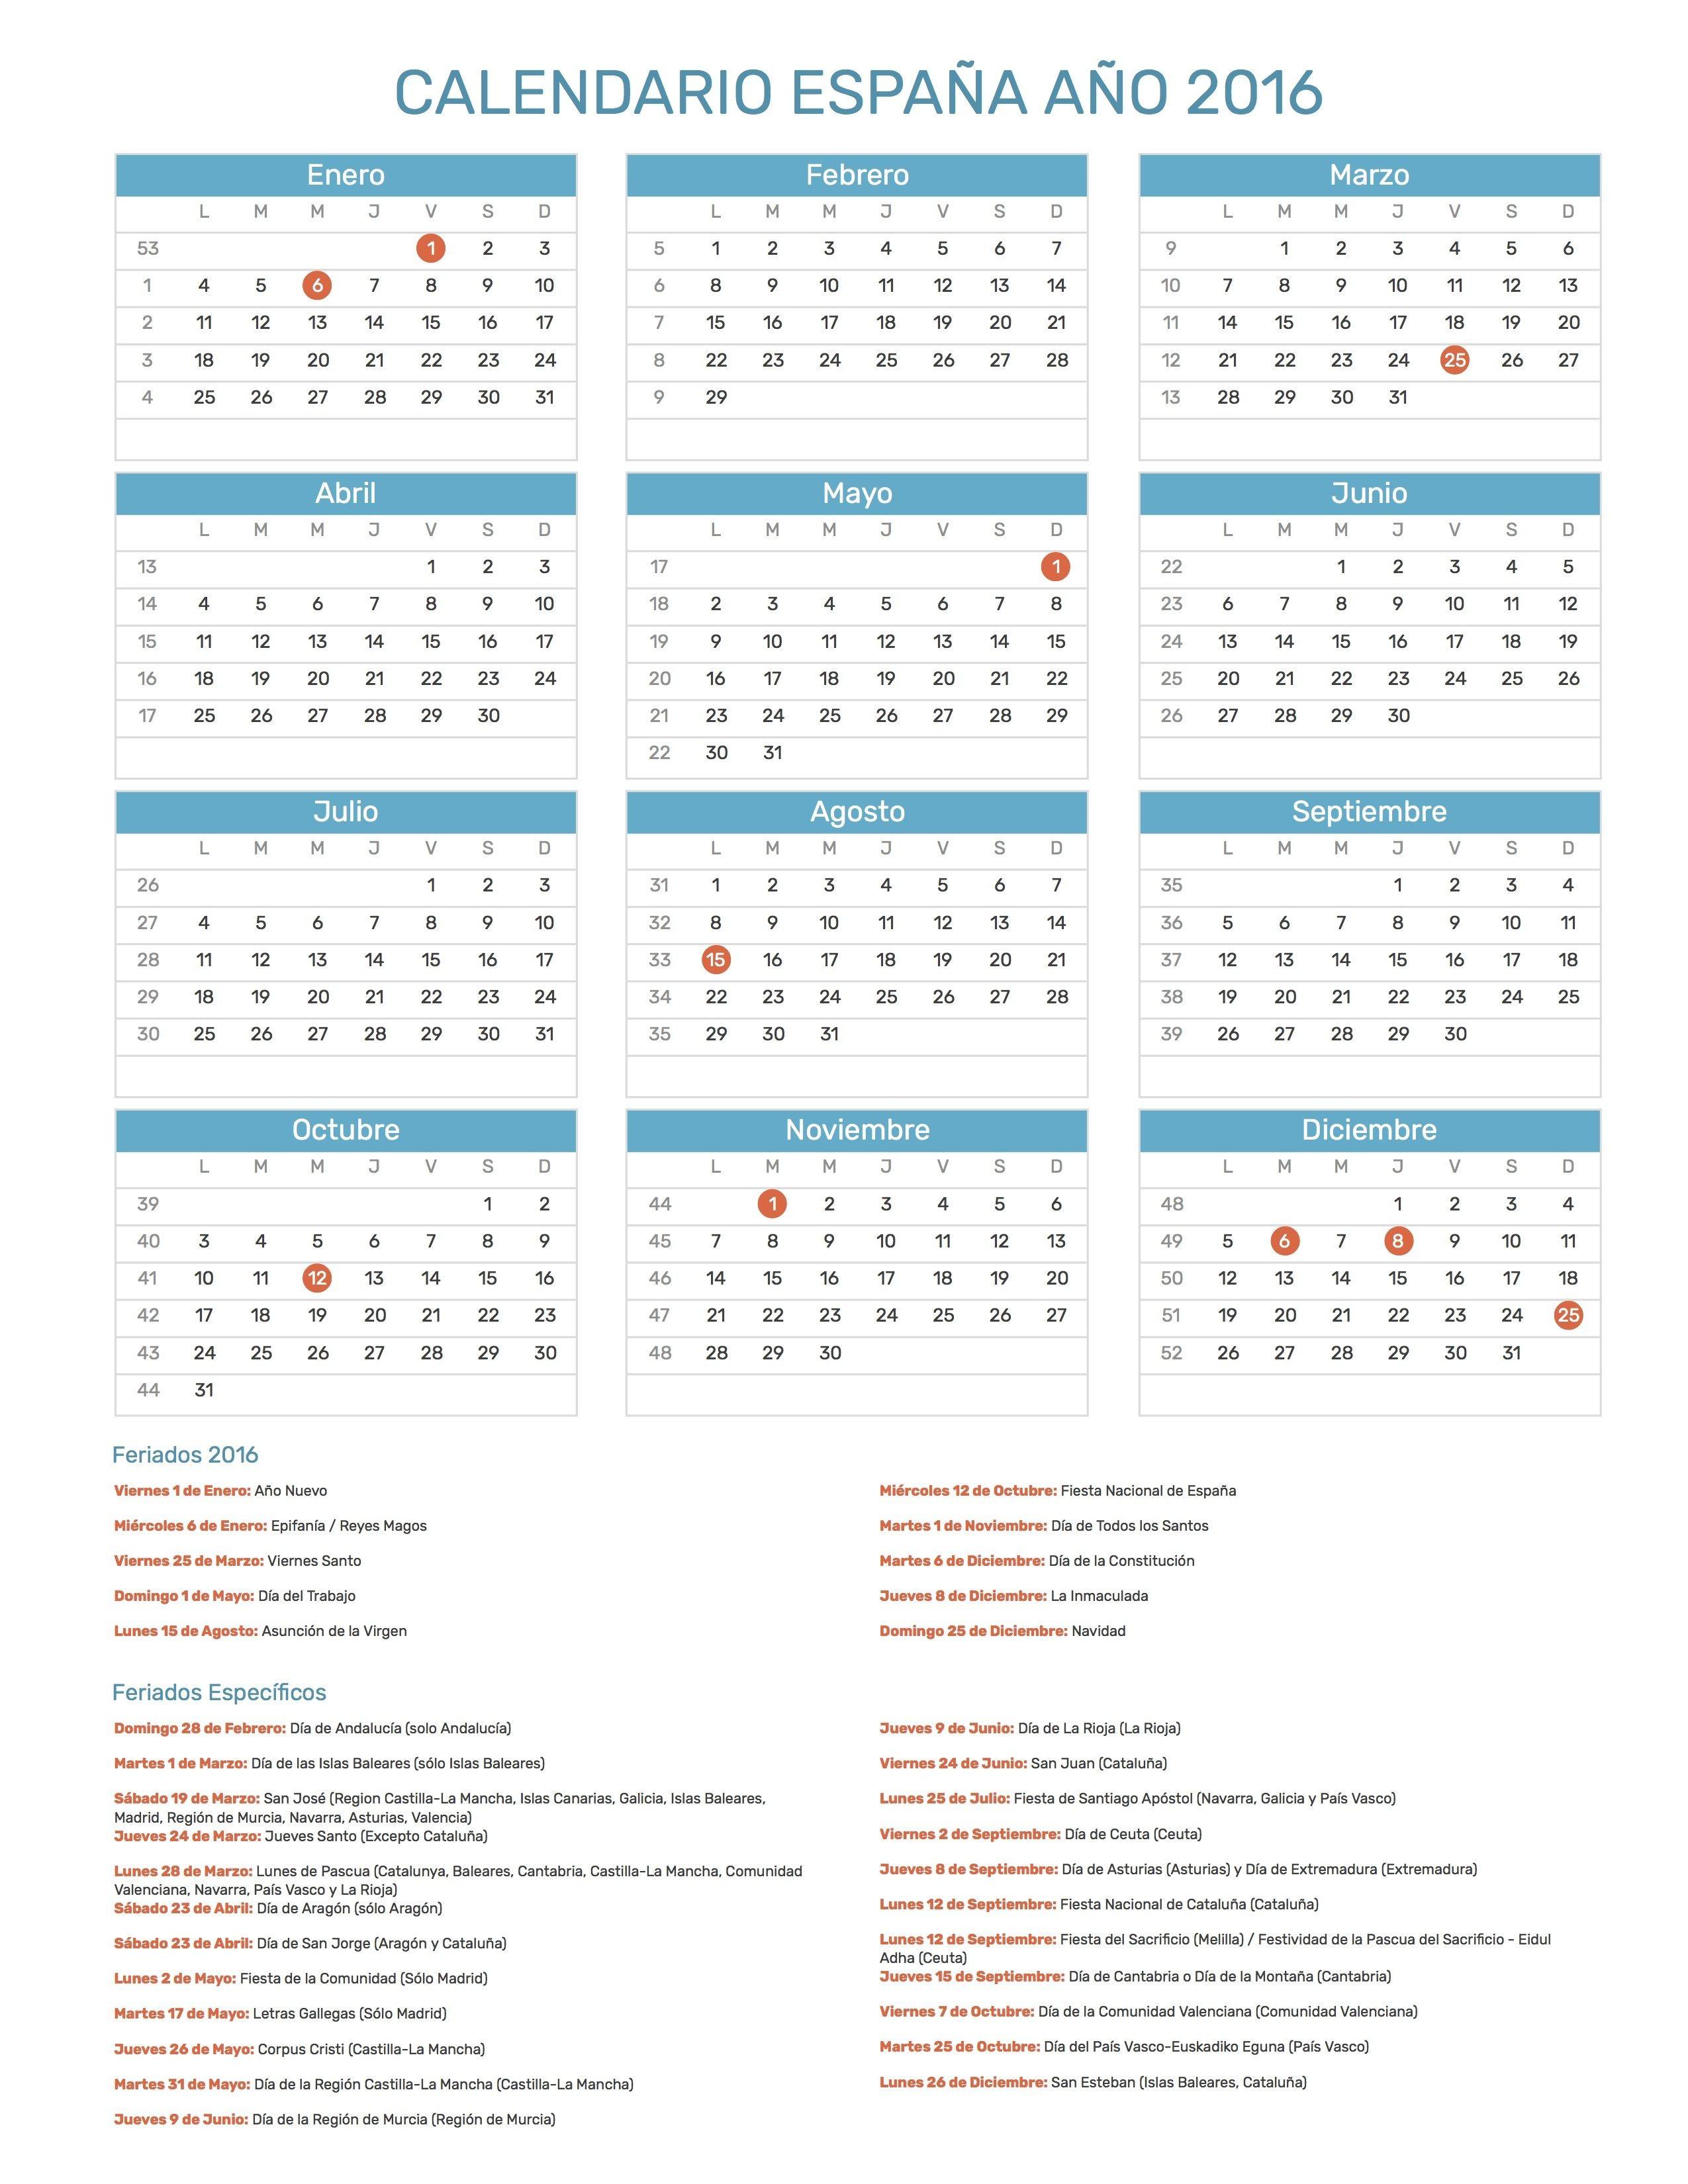 Calendario Julio A Diciembre 2019 Para Imprimir Más Recientes 11 Best Calendario Enero 2019 Argentina Images Of Calendario Julio A Diciembre 2019 Para Imprimir Más Actual Prueba Calendario Julio A Diciembre 2017 Para Imprimir